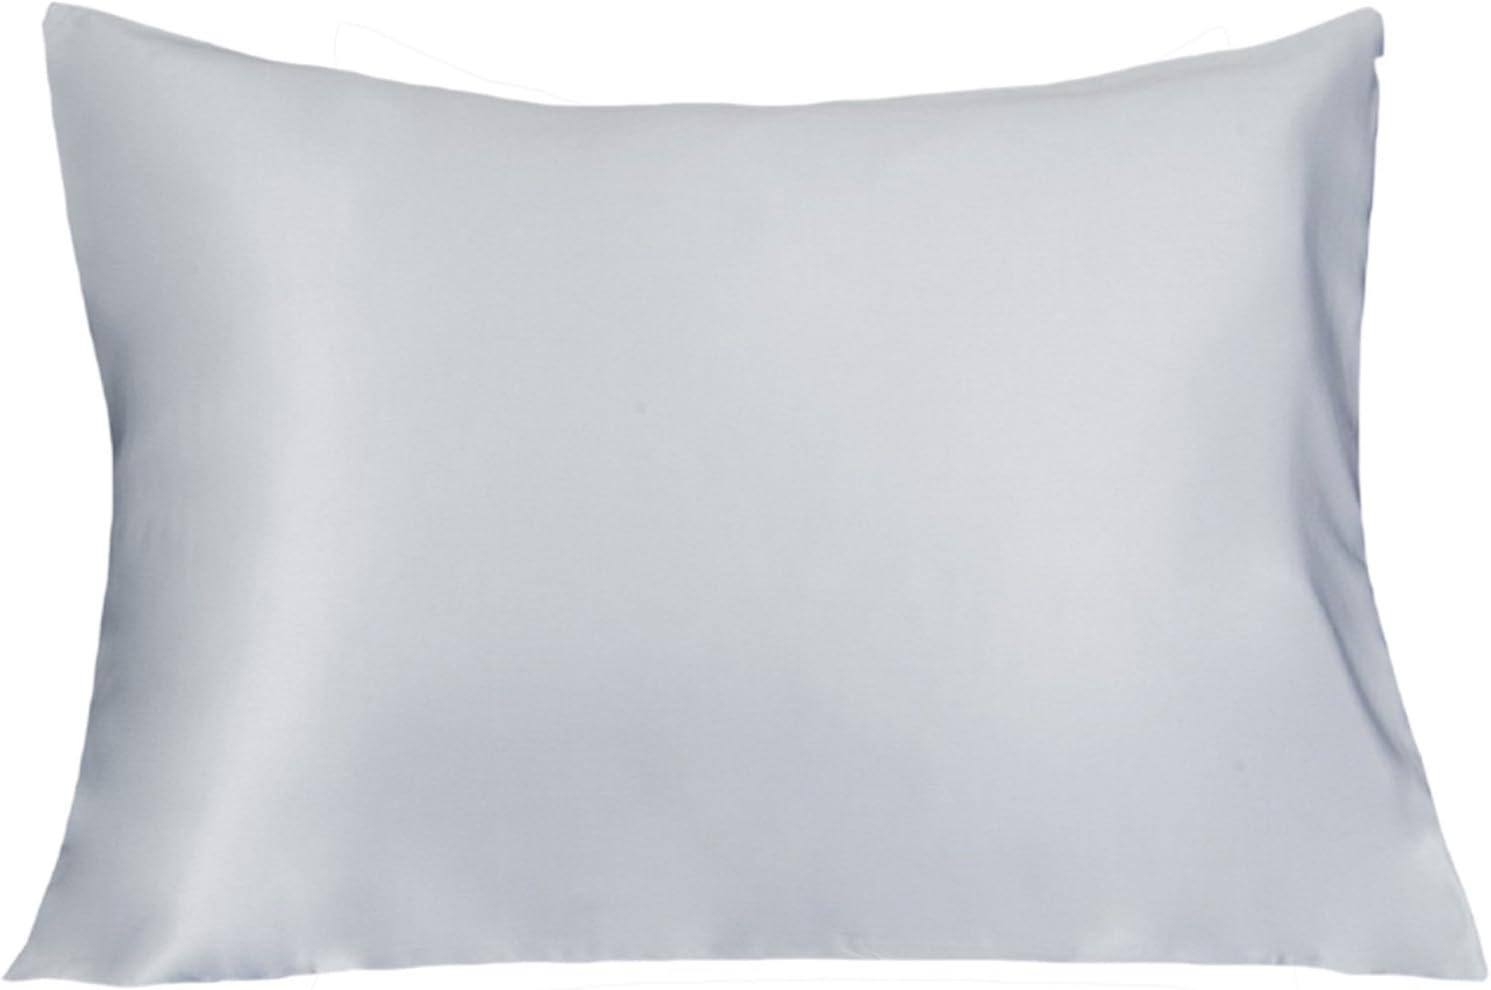 Almohada Cotton de clima 30 x 70 x 10 con cremallera: Amazon